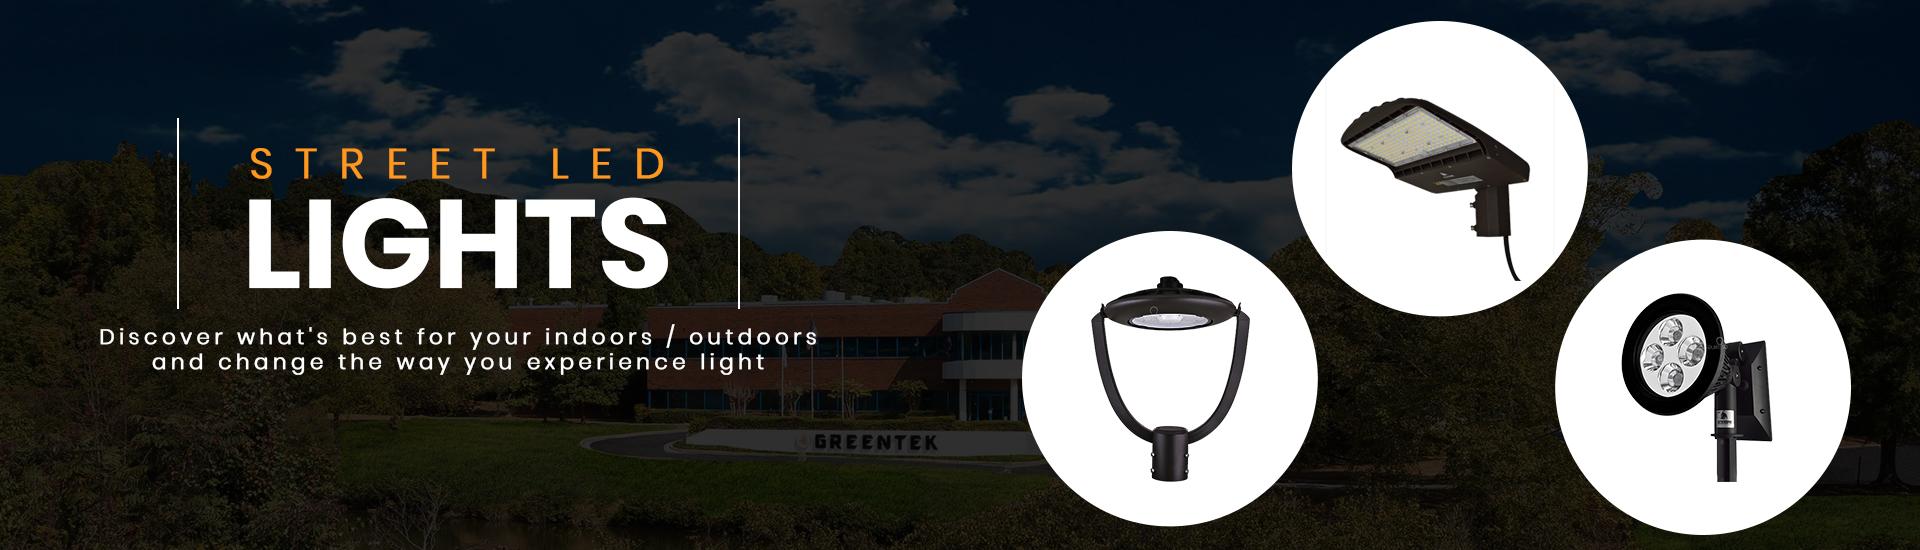 greentekes led lighting online store